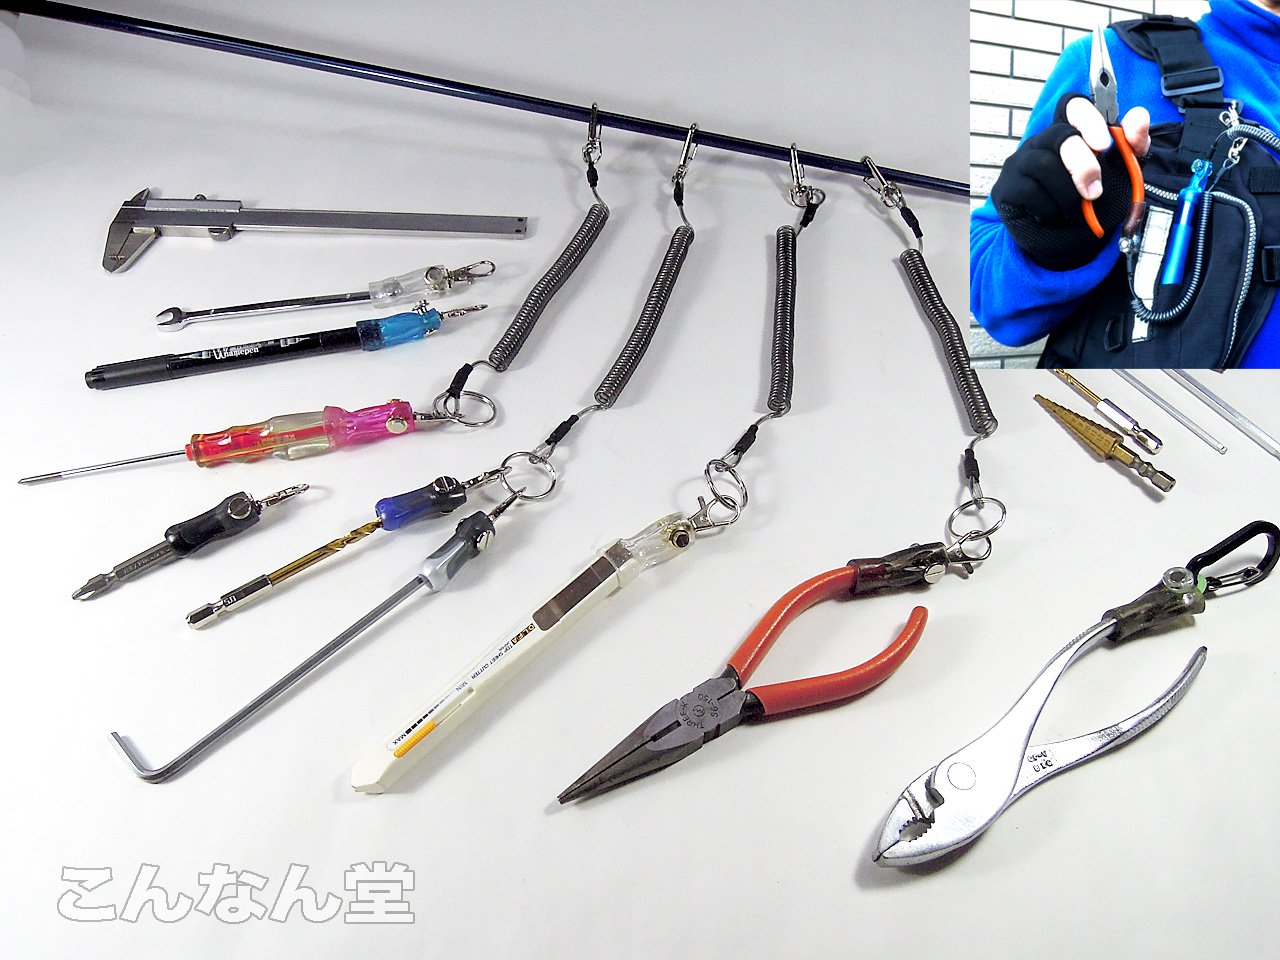 『カブラー』 工具の落下防止や紛失防止に! ストラップホールが無くてもストラップが付けられてブラ下げられる。